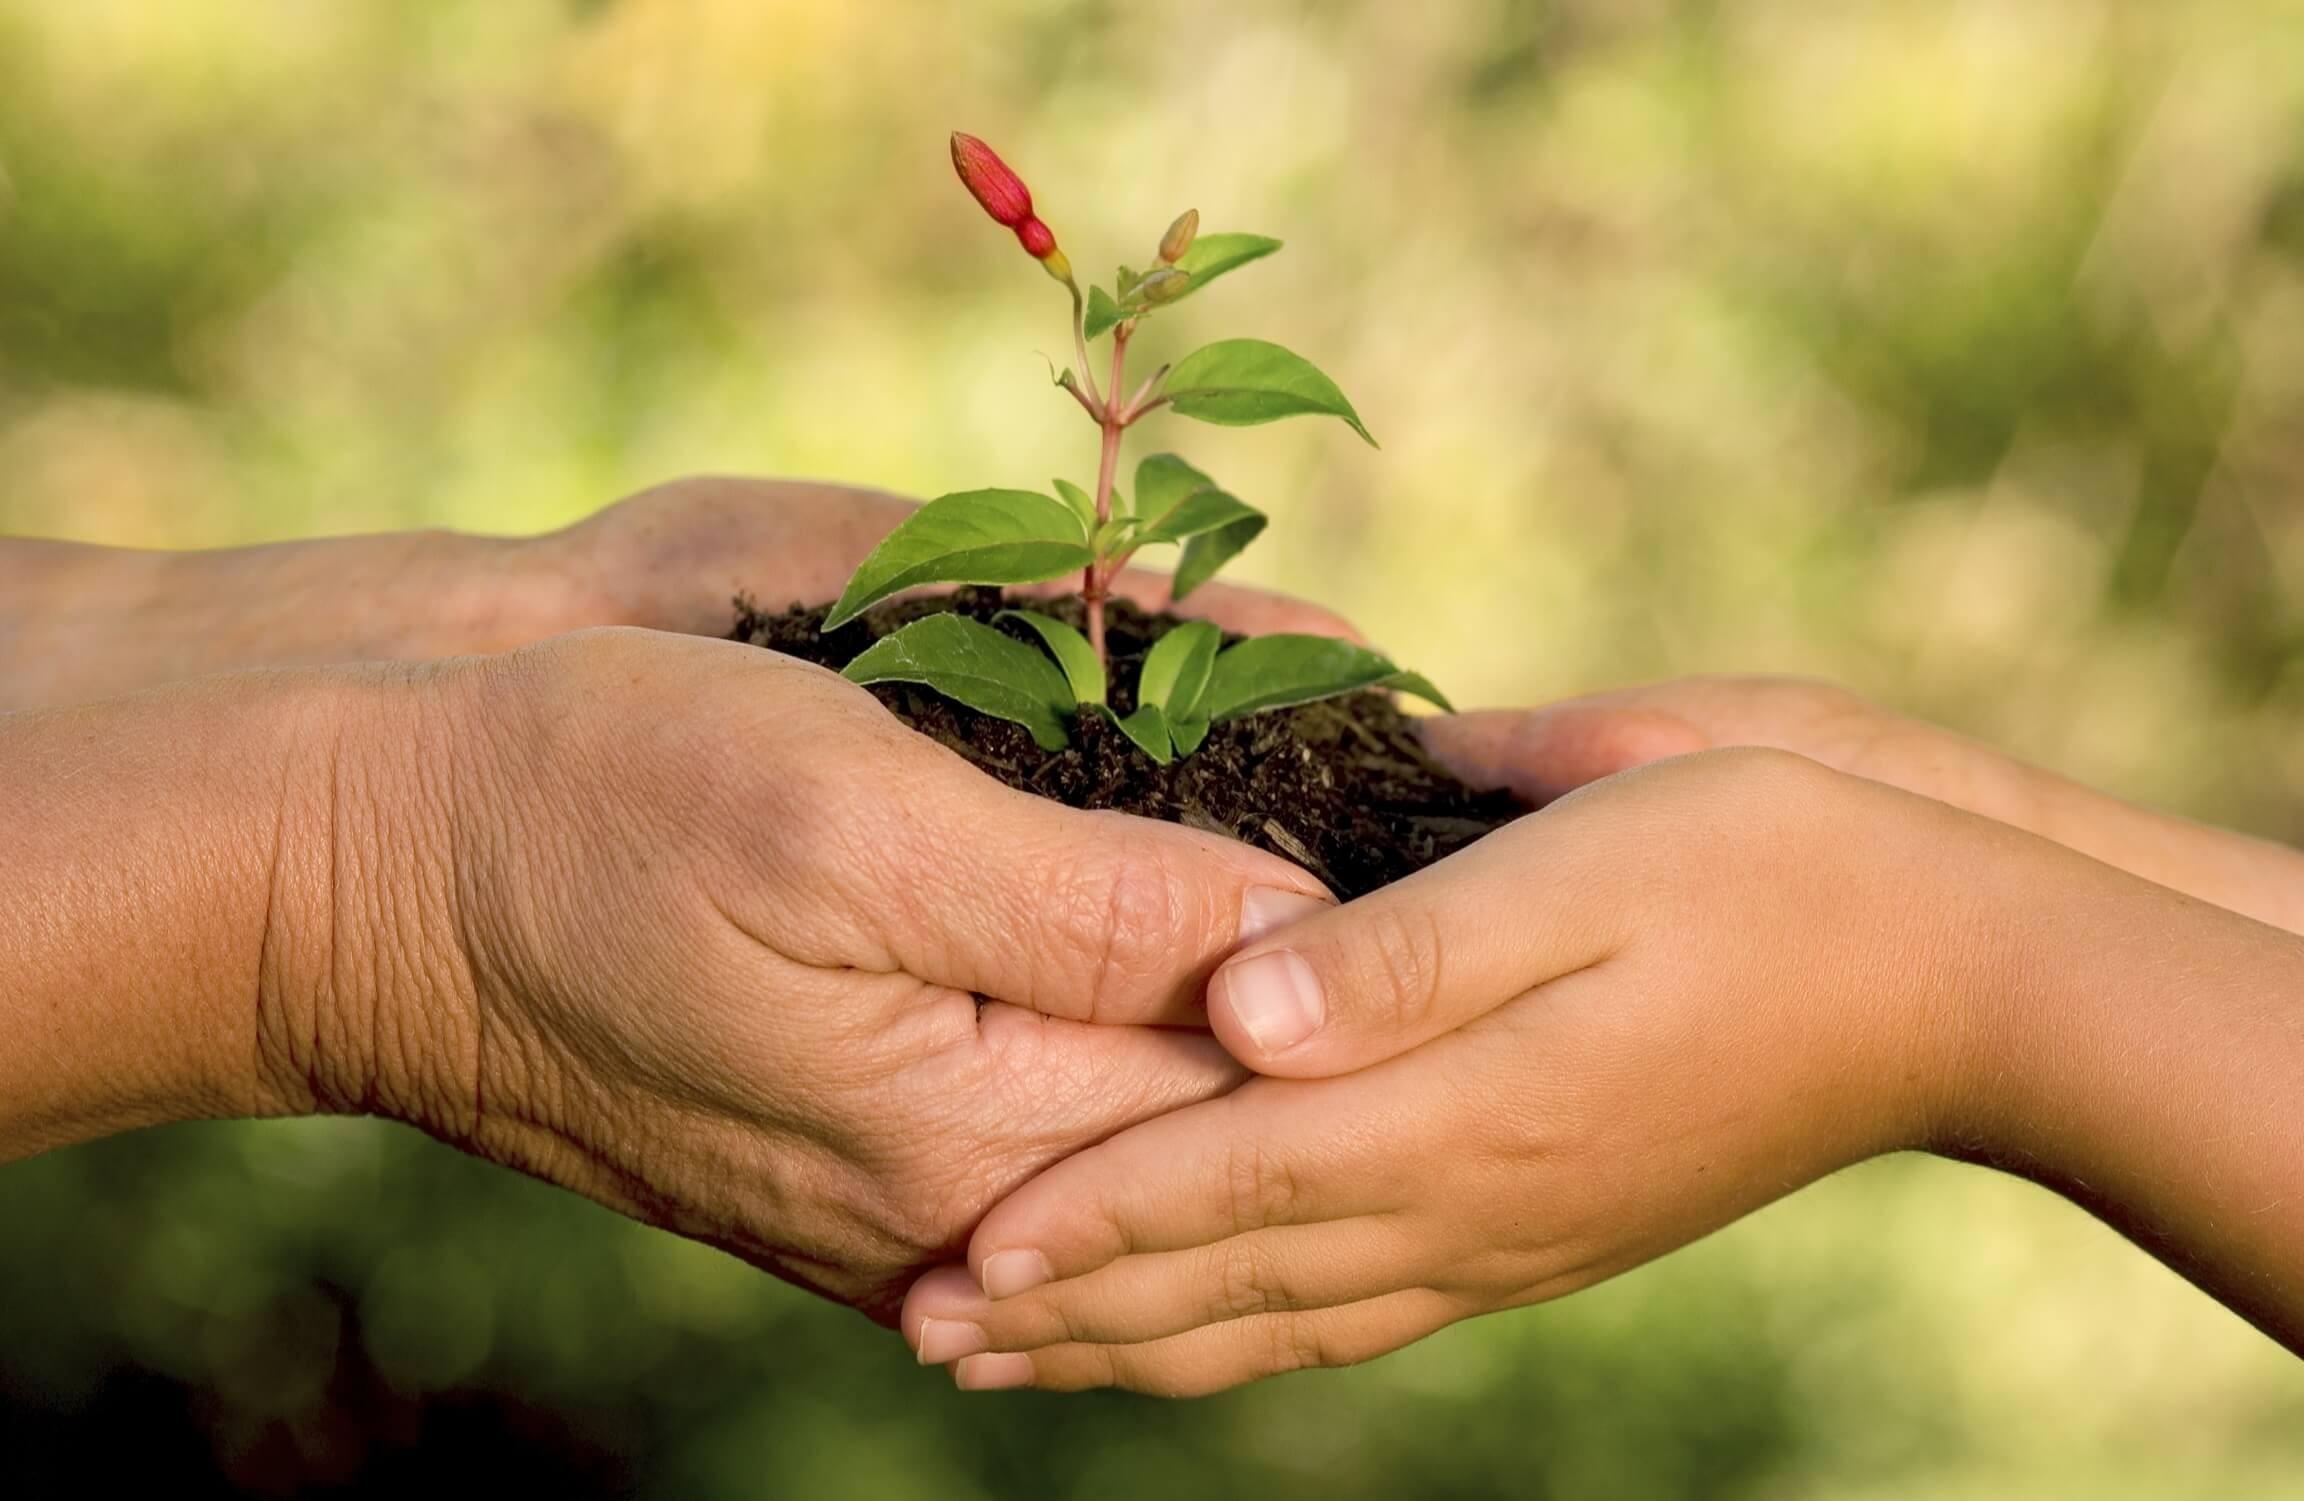 Vai trò của môi trường đối với sự sống